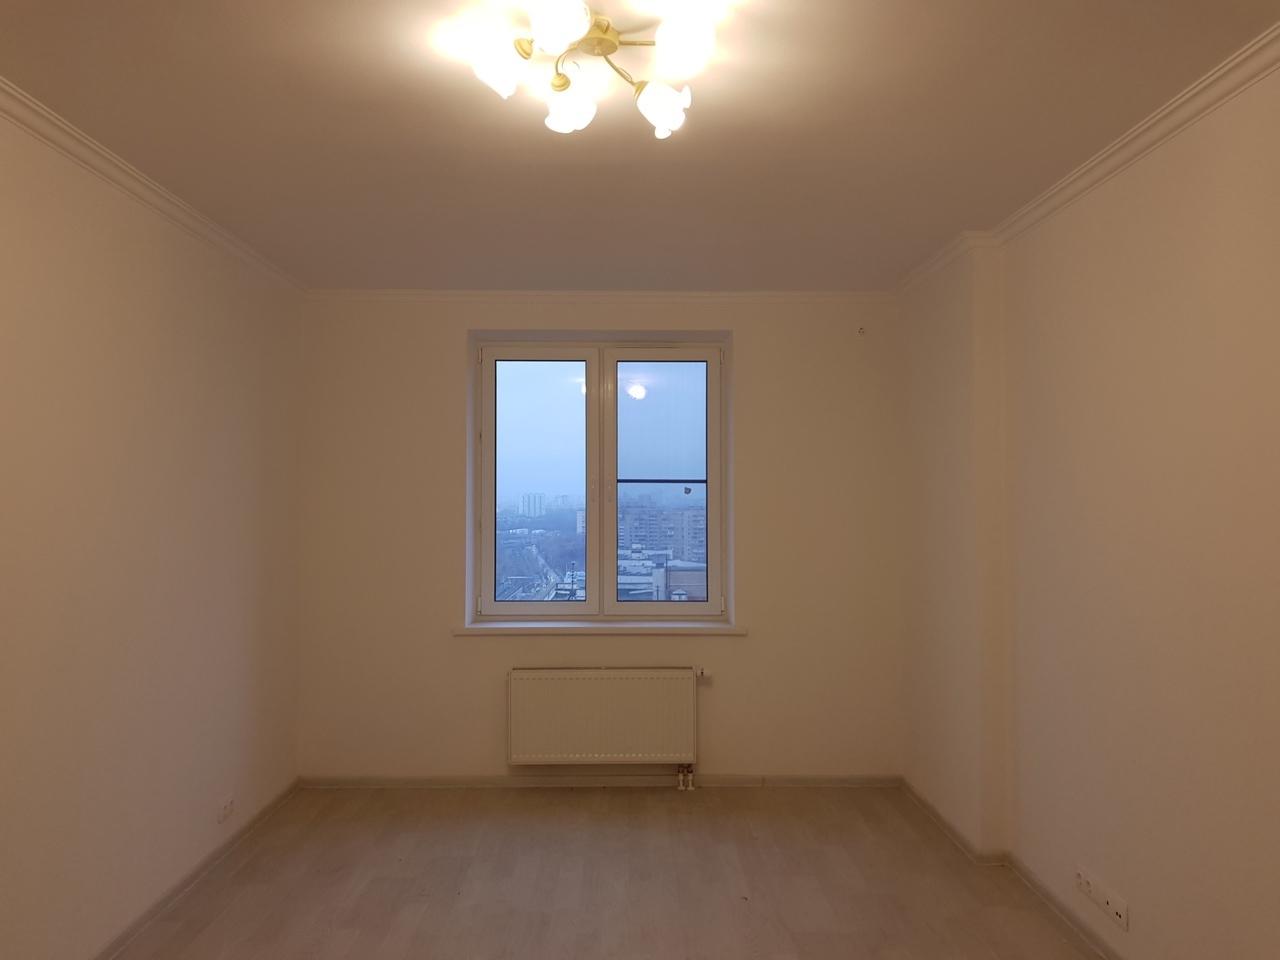 В будущем Андрей планирует докупать квадратные метры — чтобы расшириться до трехкомнатной квартиры